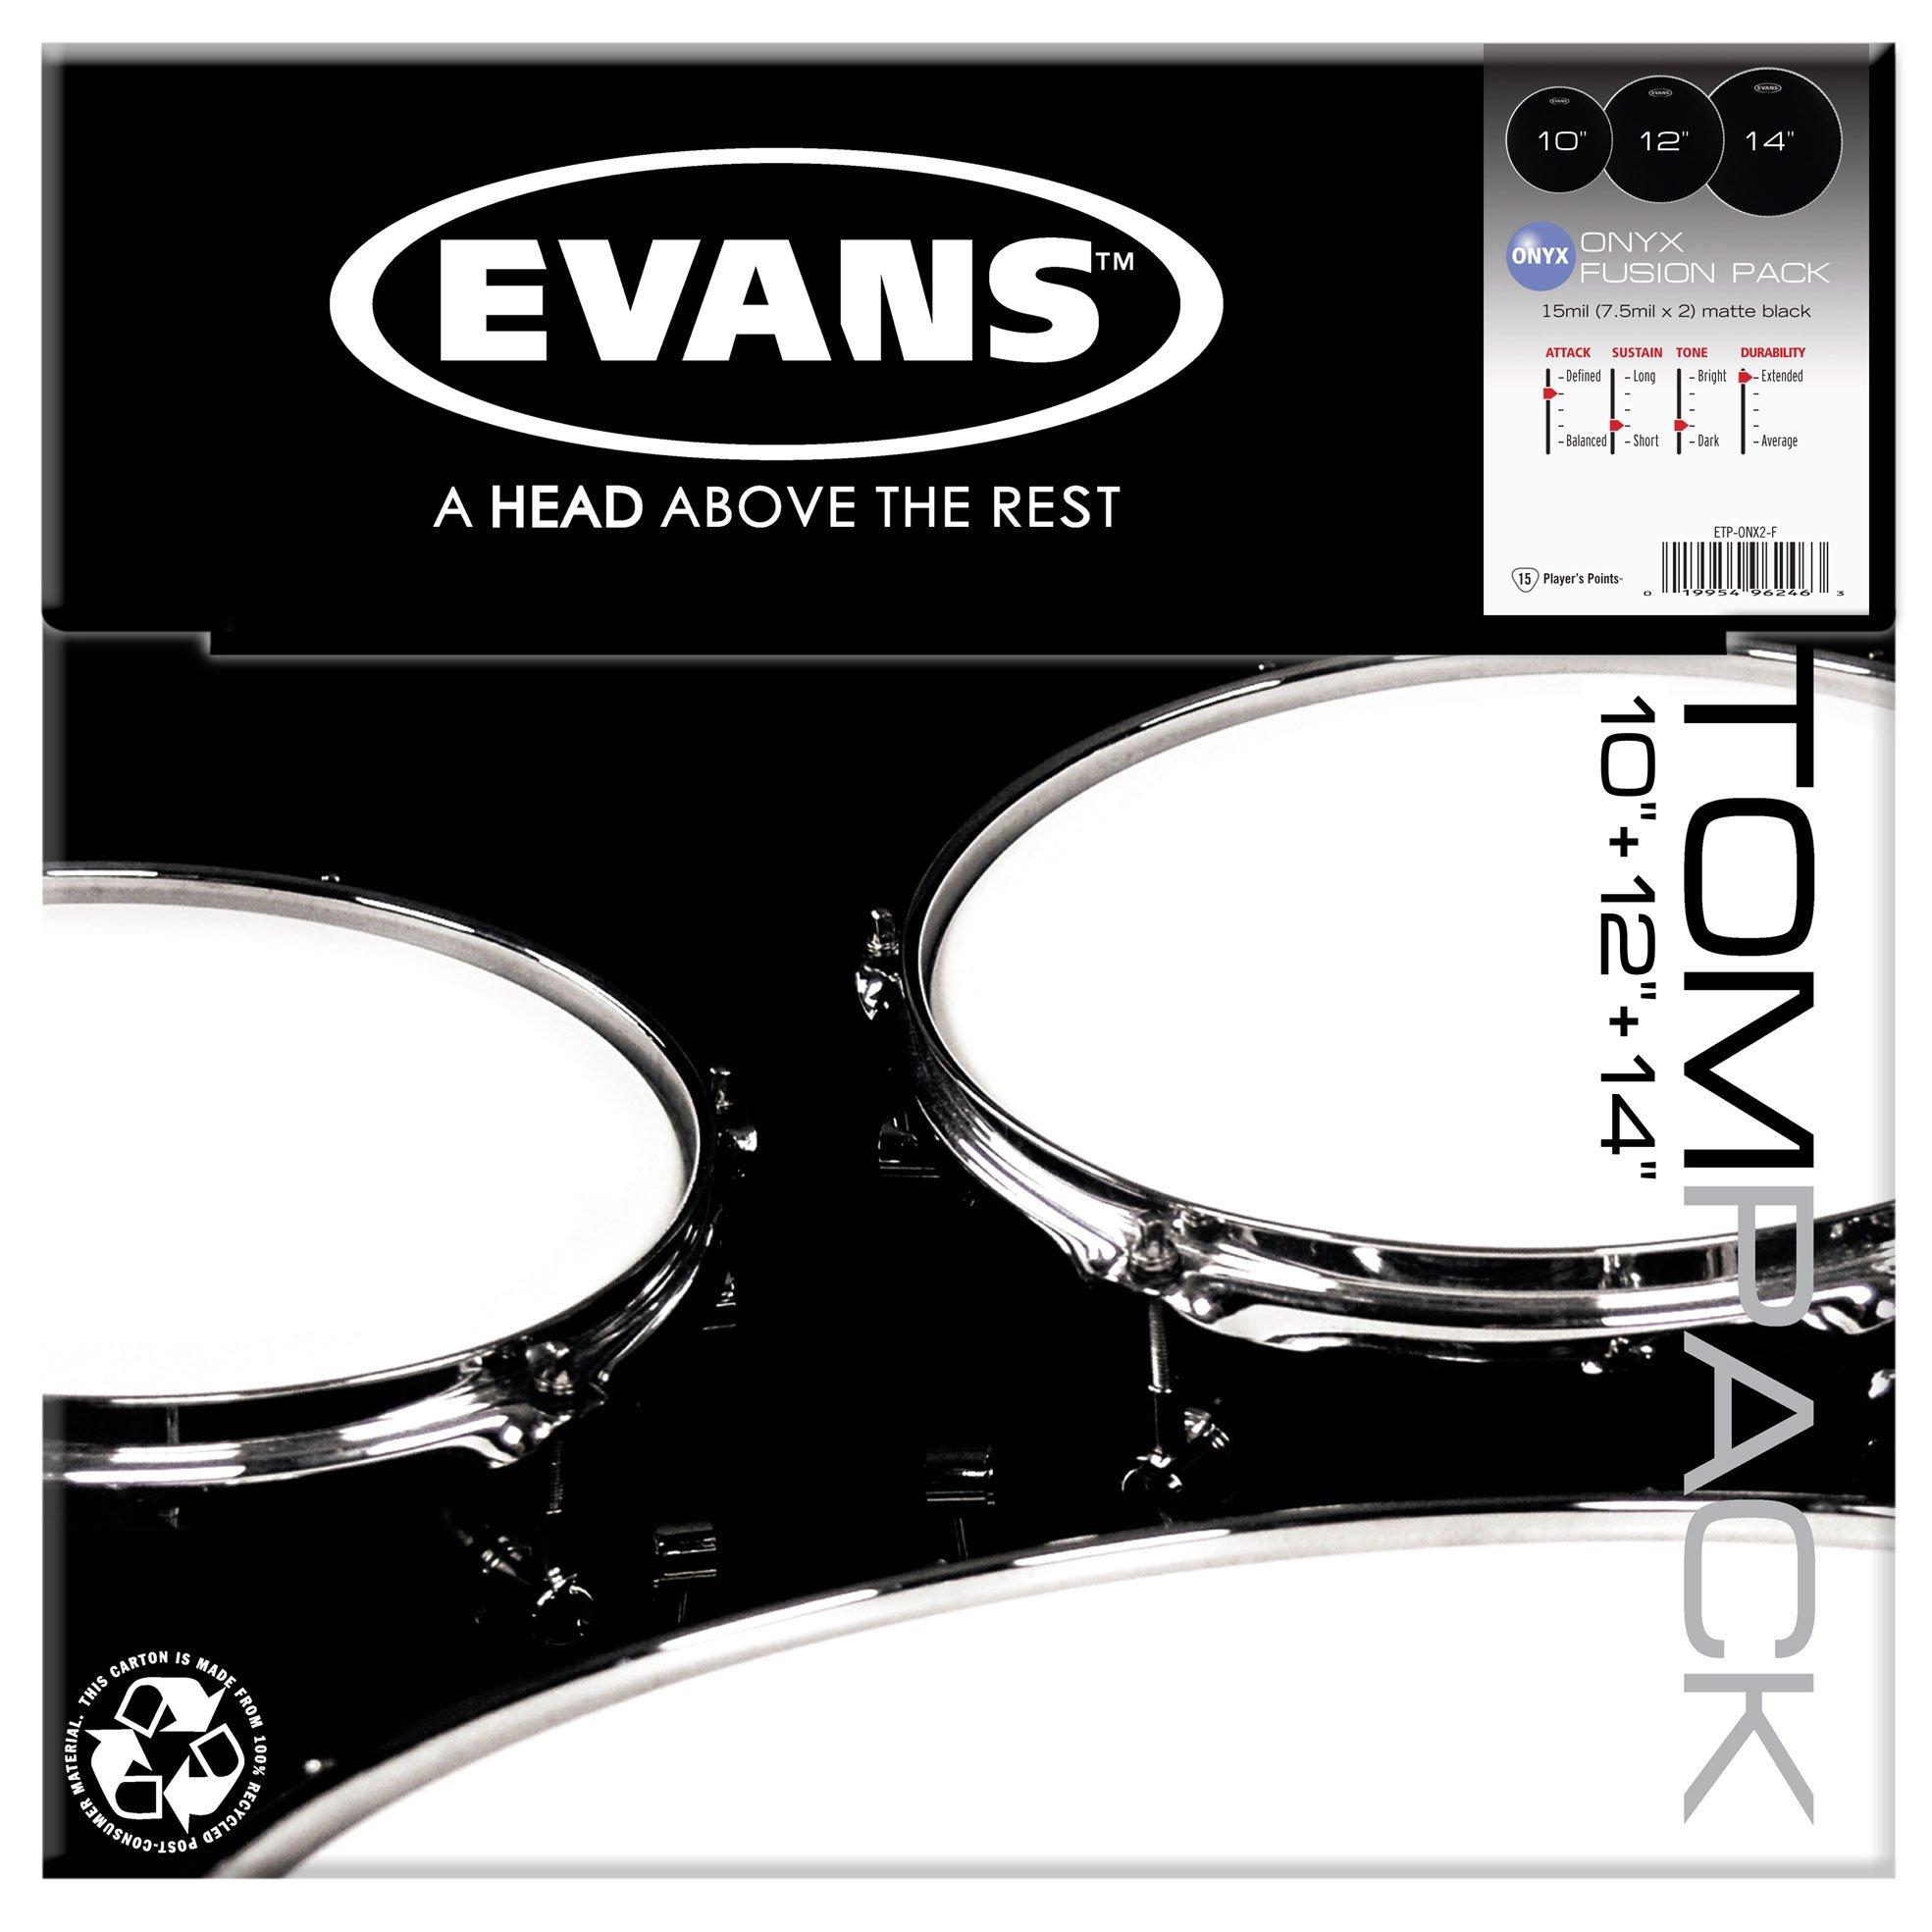 evans onyx tom pack 10 12 14 heads drummers only. Black Bedroom Furniture Sets. Home Design Ideas